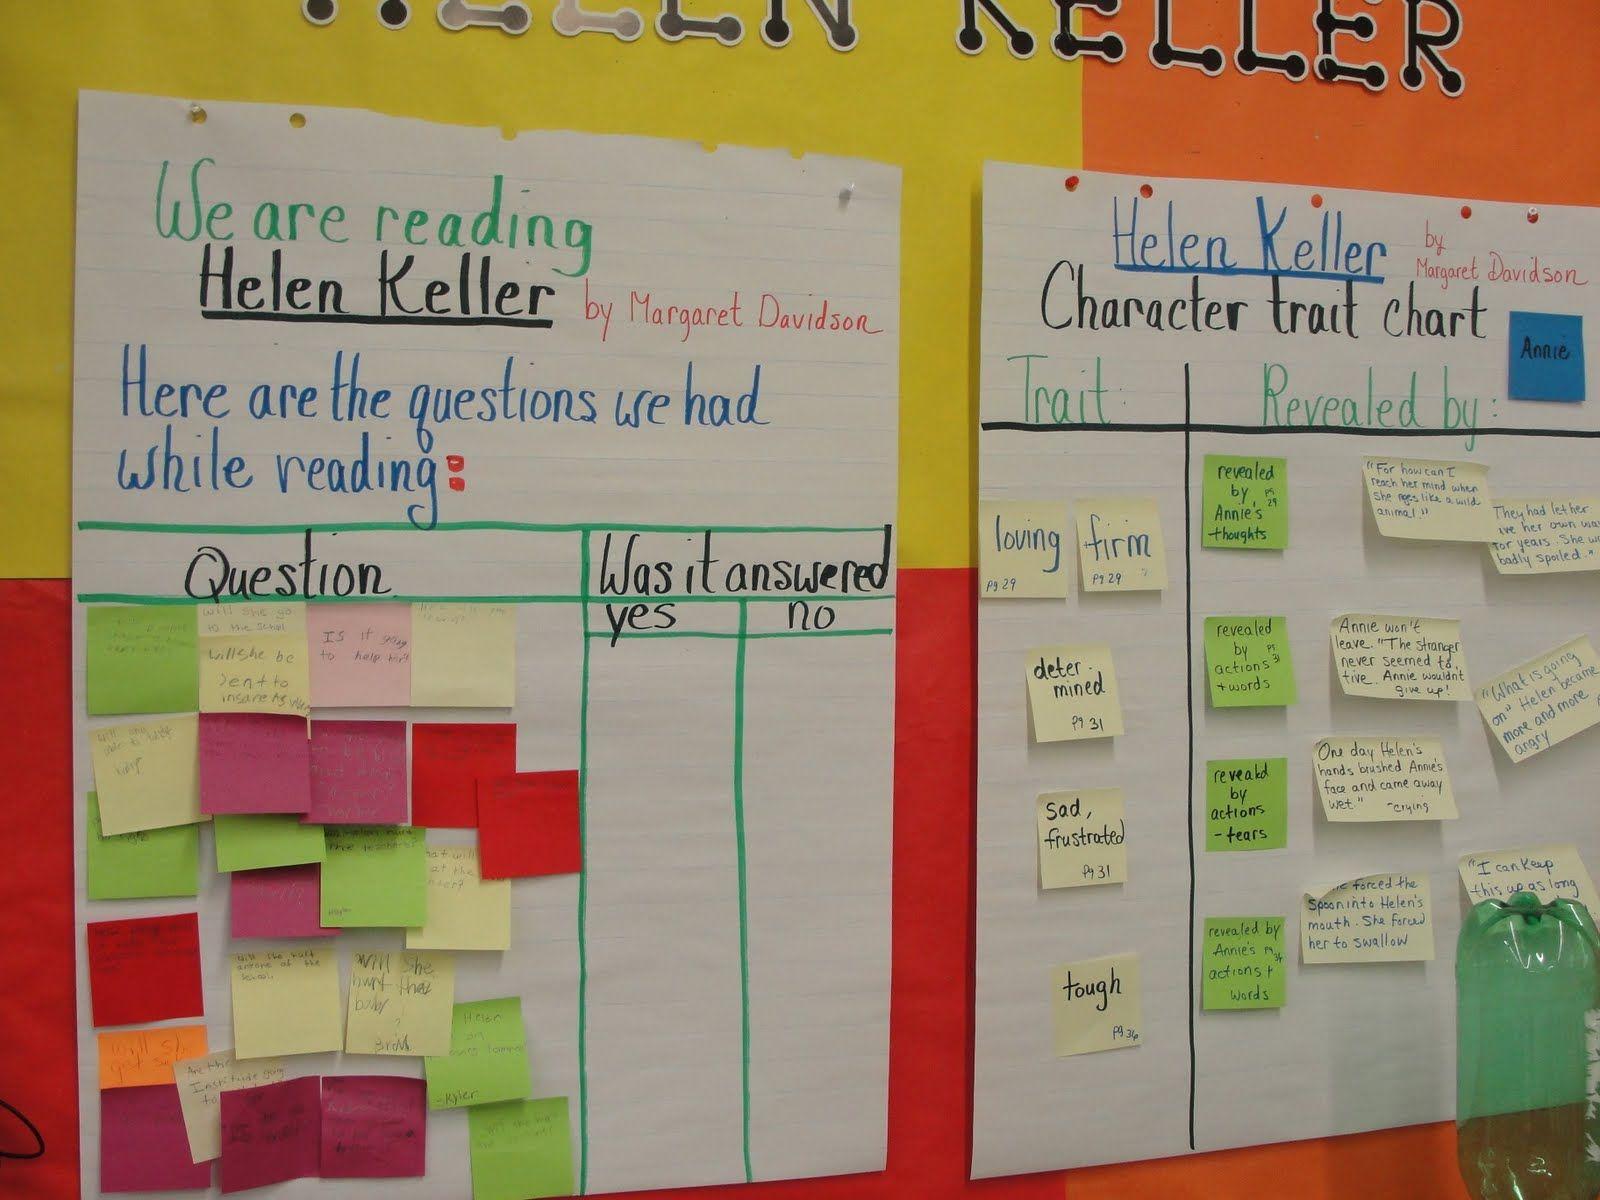 Studying Helen Keller